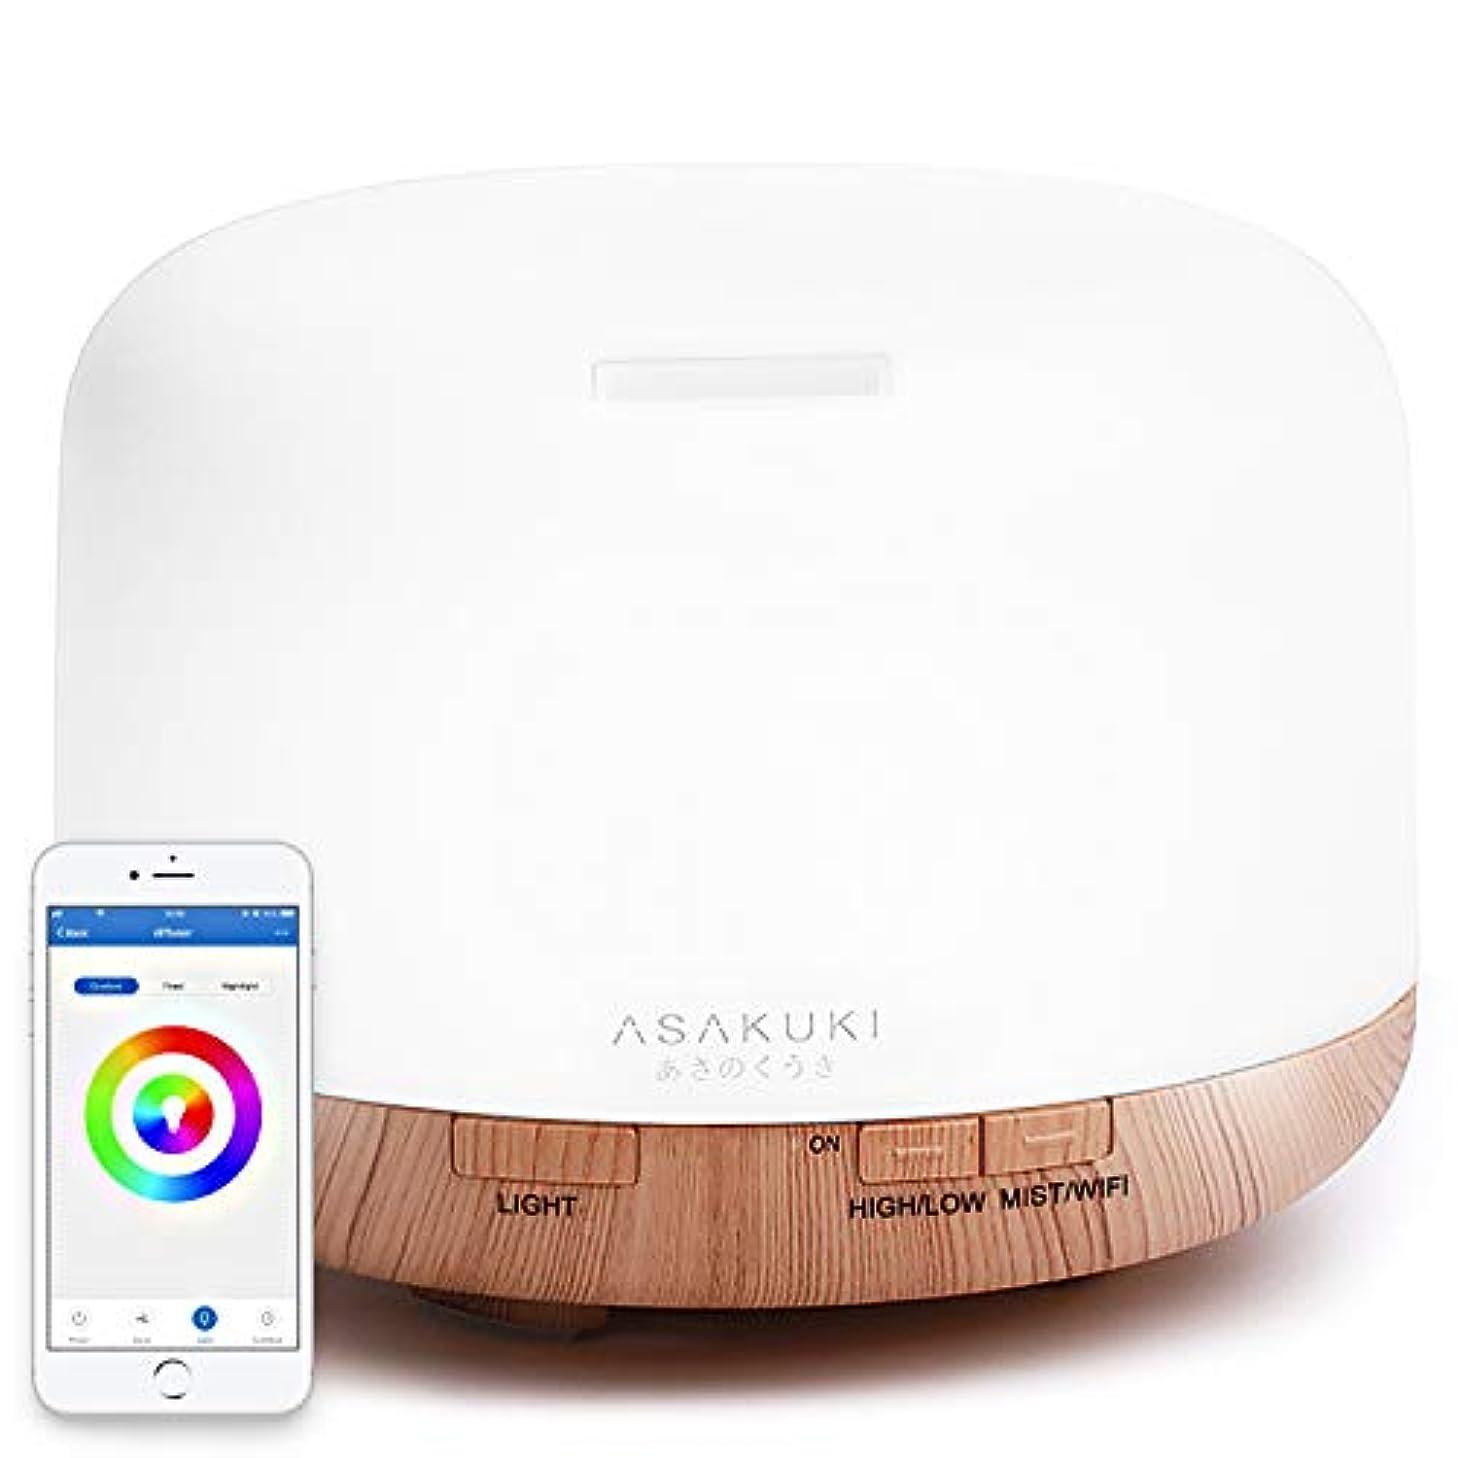 飛び込むマンハッタンさわやかASAKUKI ベッドルーム、オフィス、より良い睡眠&呼吸 雰囲気を緩和するアレクサ2019アップグレード設計500ミリリットルアロマ加湿器と互換性 あるスマート -エッセンシャルオイルディフューザーアプリ制御 標準 2018...